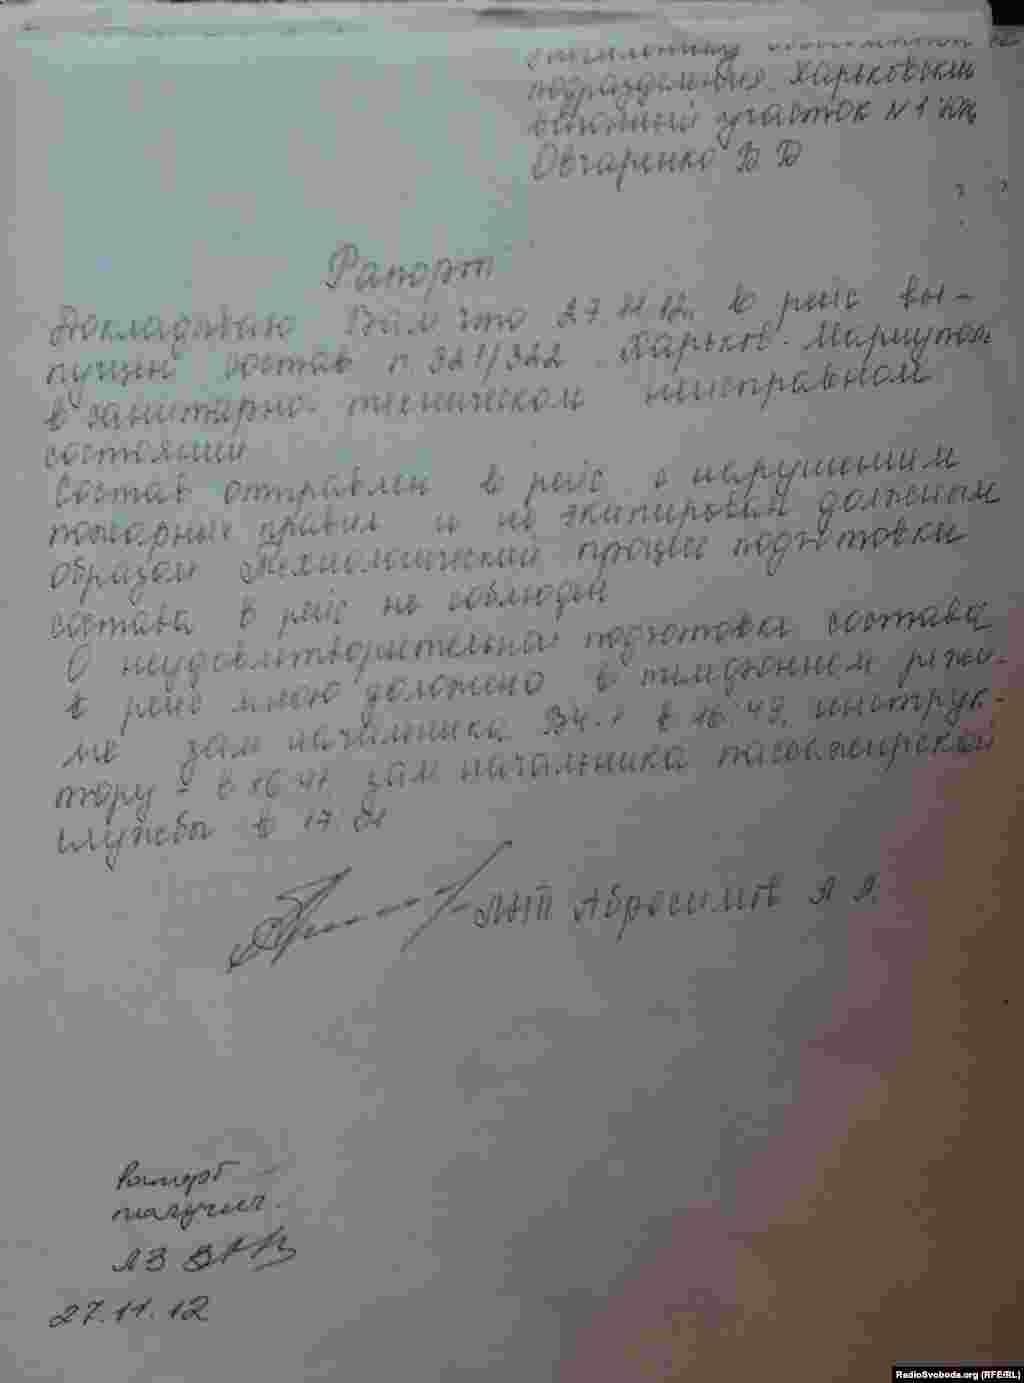 Рапорт за підписом Олександра Абросімова щодо потягу №322 «Маріуполь-Харків», який вийшов на маршрут в несправному стані.